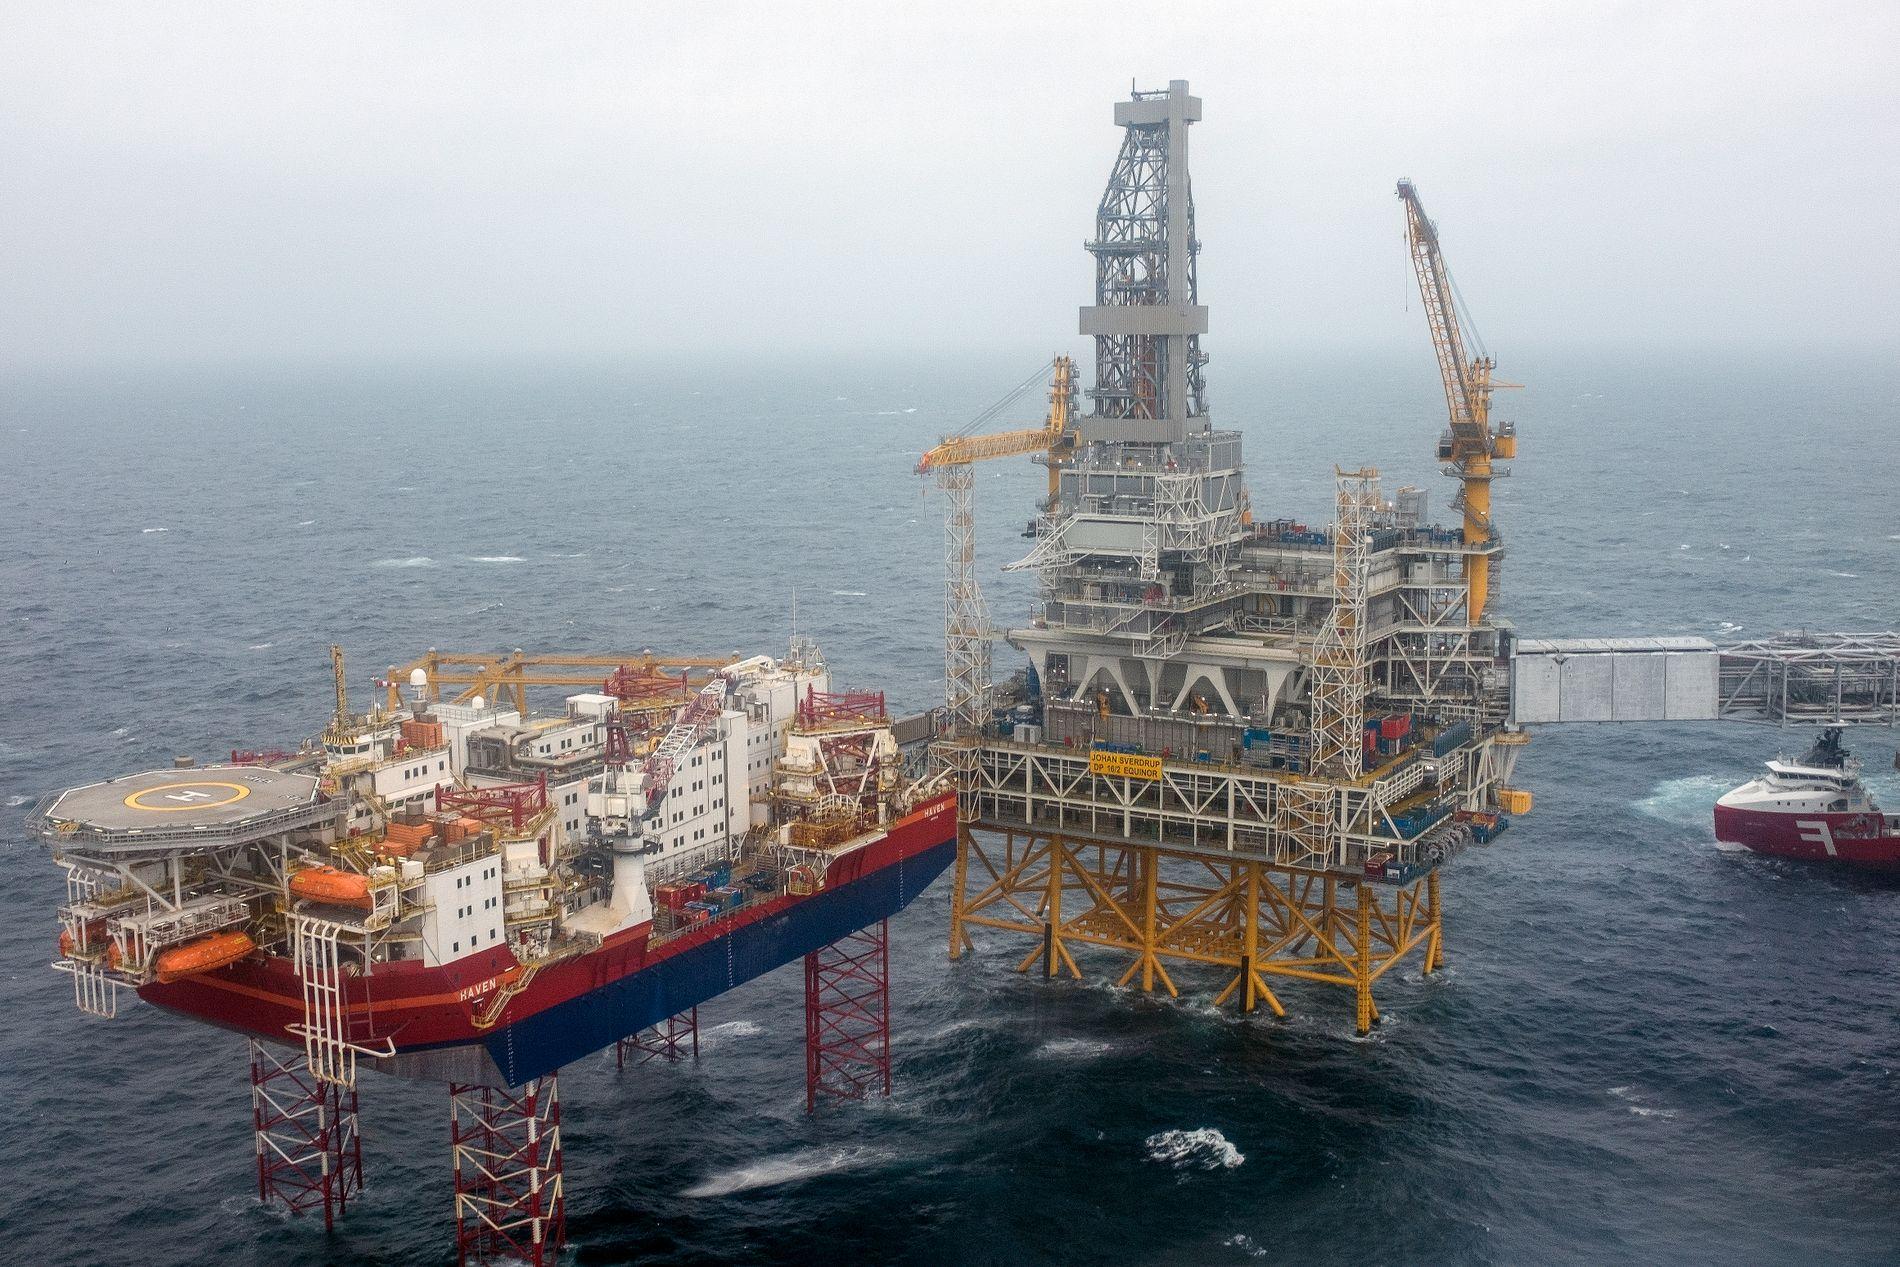 Oppstarten av Johan Sverdrup-feltet i Nordsjøen ble nylig fremskyndet til oktober i år.